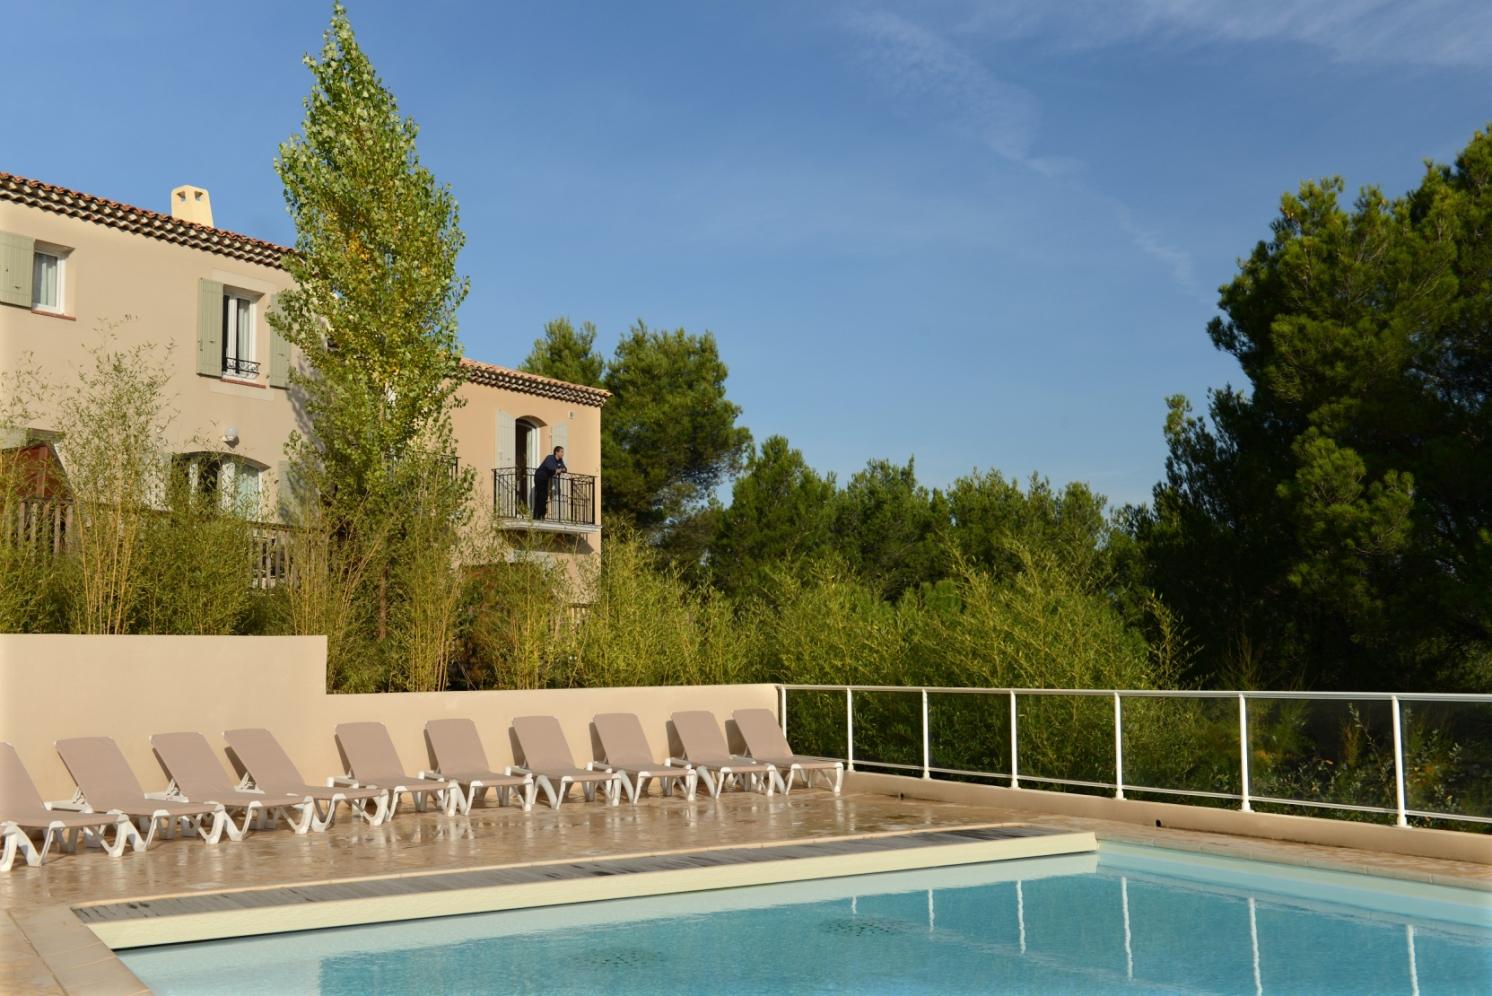 Ferienwohnung Les Coteaux de Pont Royal 2p4p STD (1043048), Mallemort, Bouches-du-Rhône, Provence - Alpen - Côte d'Azur, Frankreich, Bild 22